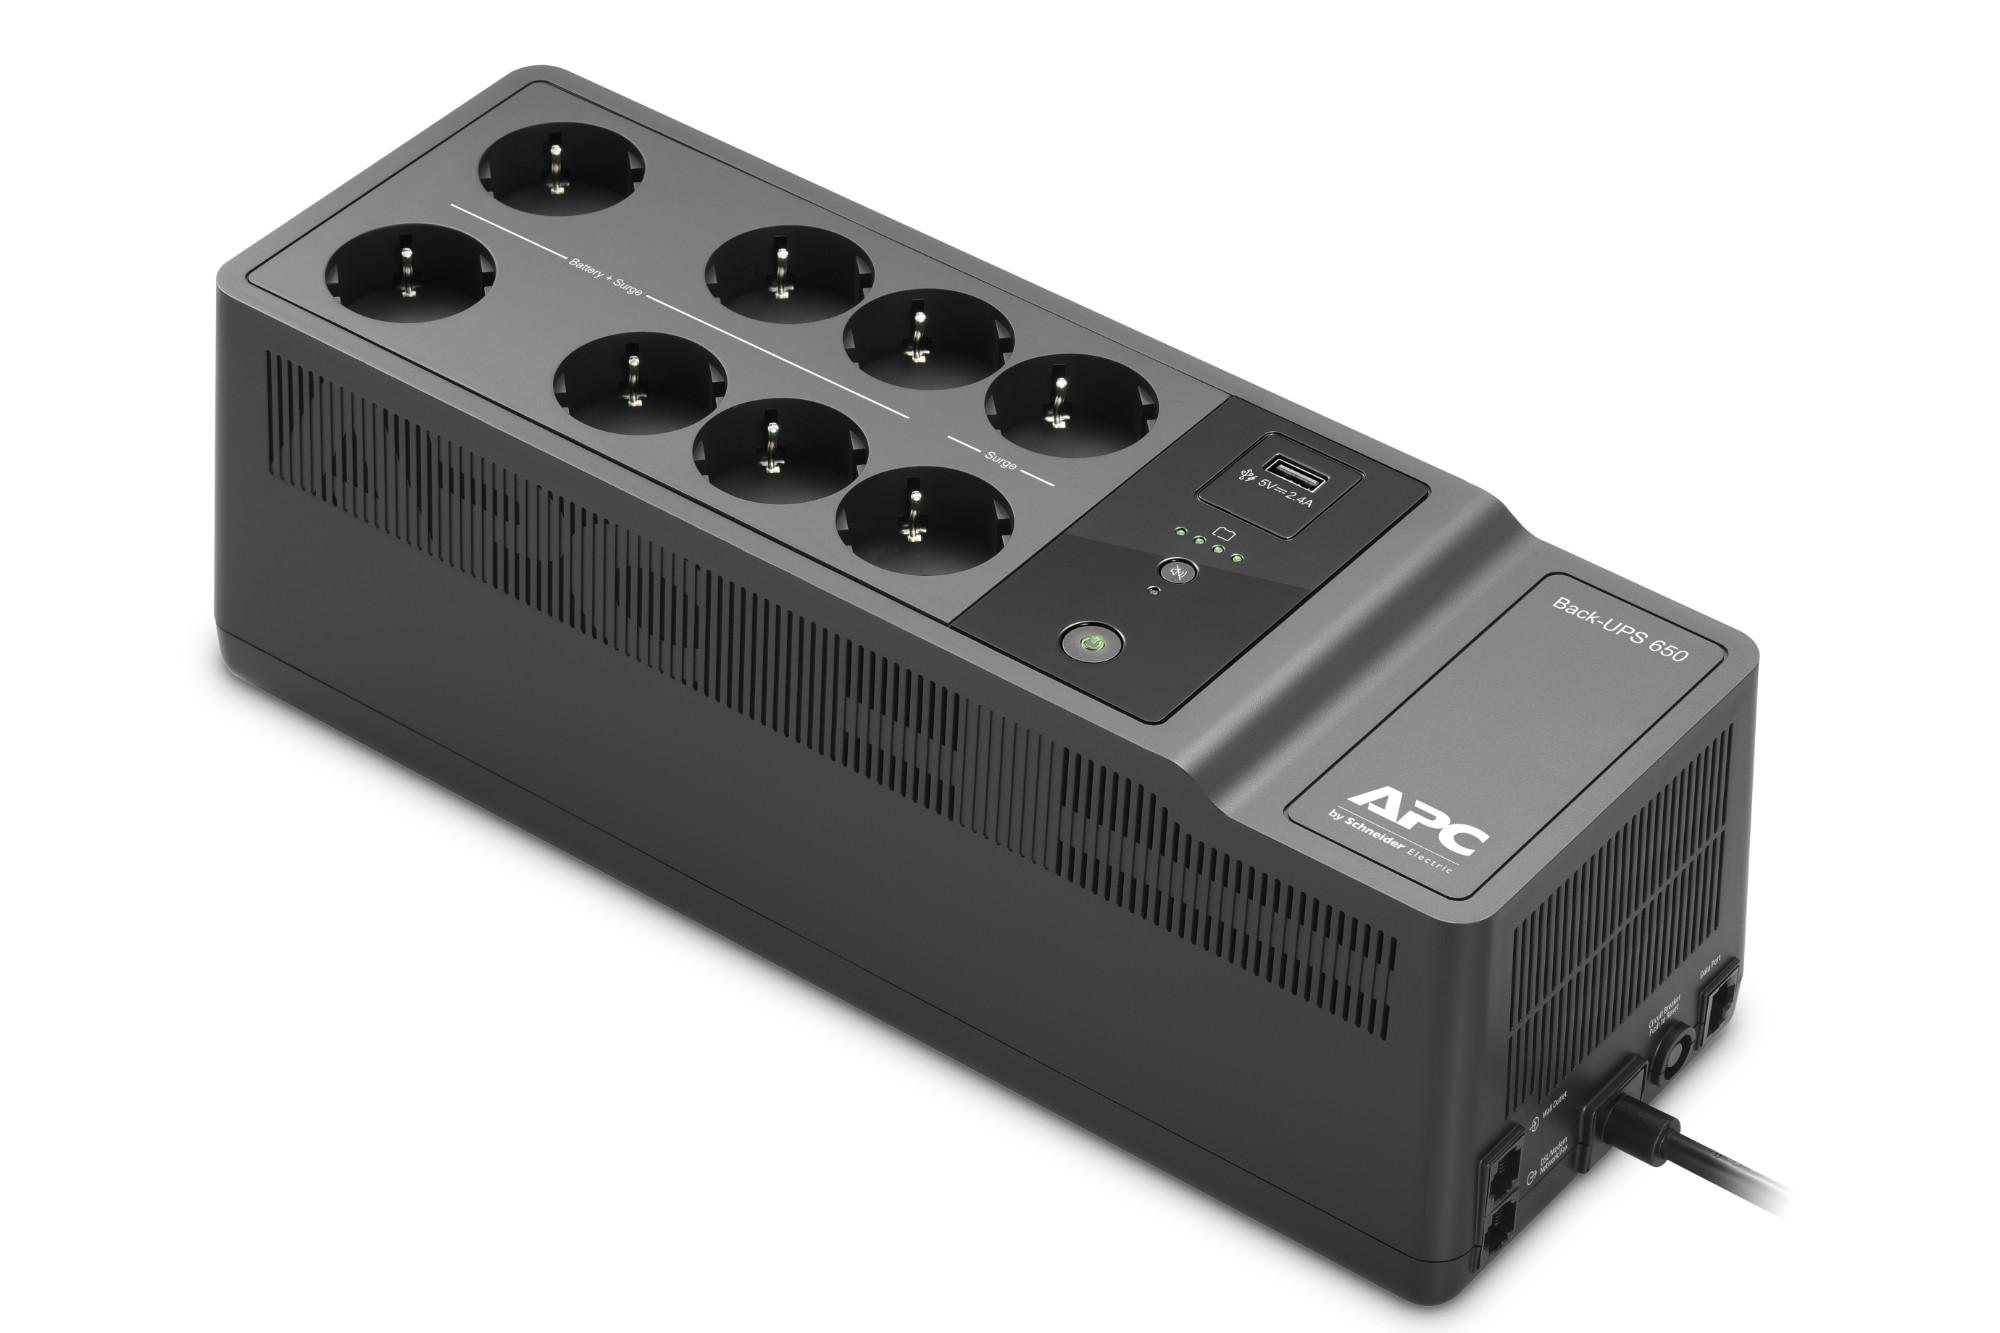 APC Back-UPS 650VA 230V 1 USB charging port - (Offline-) USV sistema de alimentación ininterrumpida (UPS) En espera (Fuera de línea) o Standby (Offline) 400 W